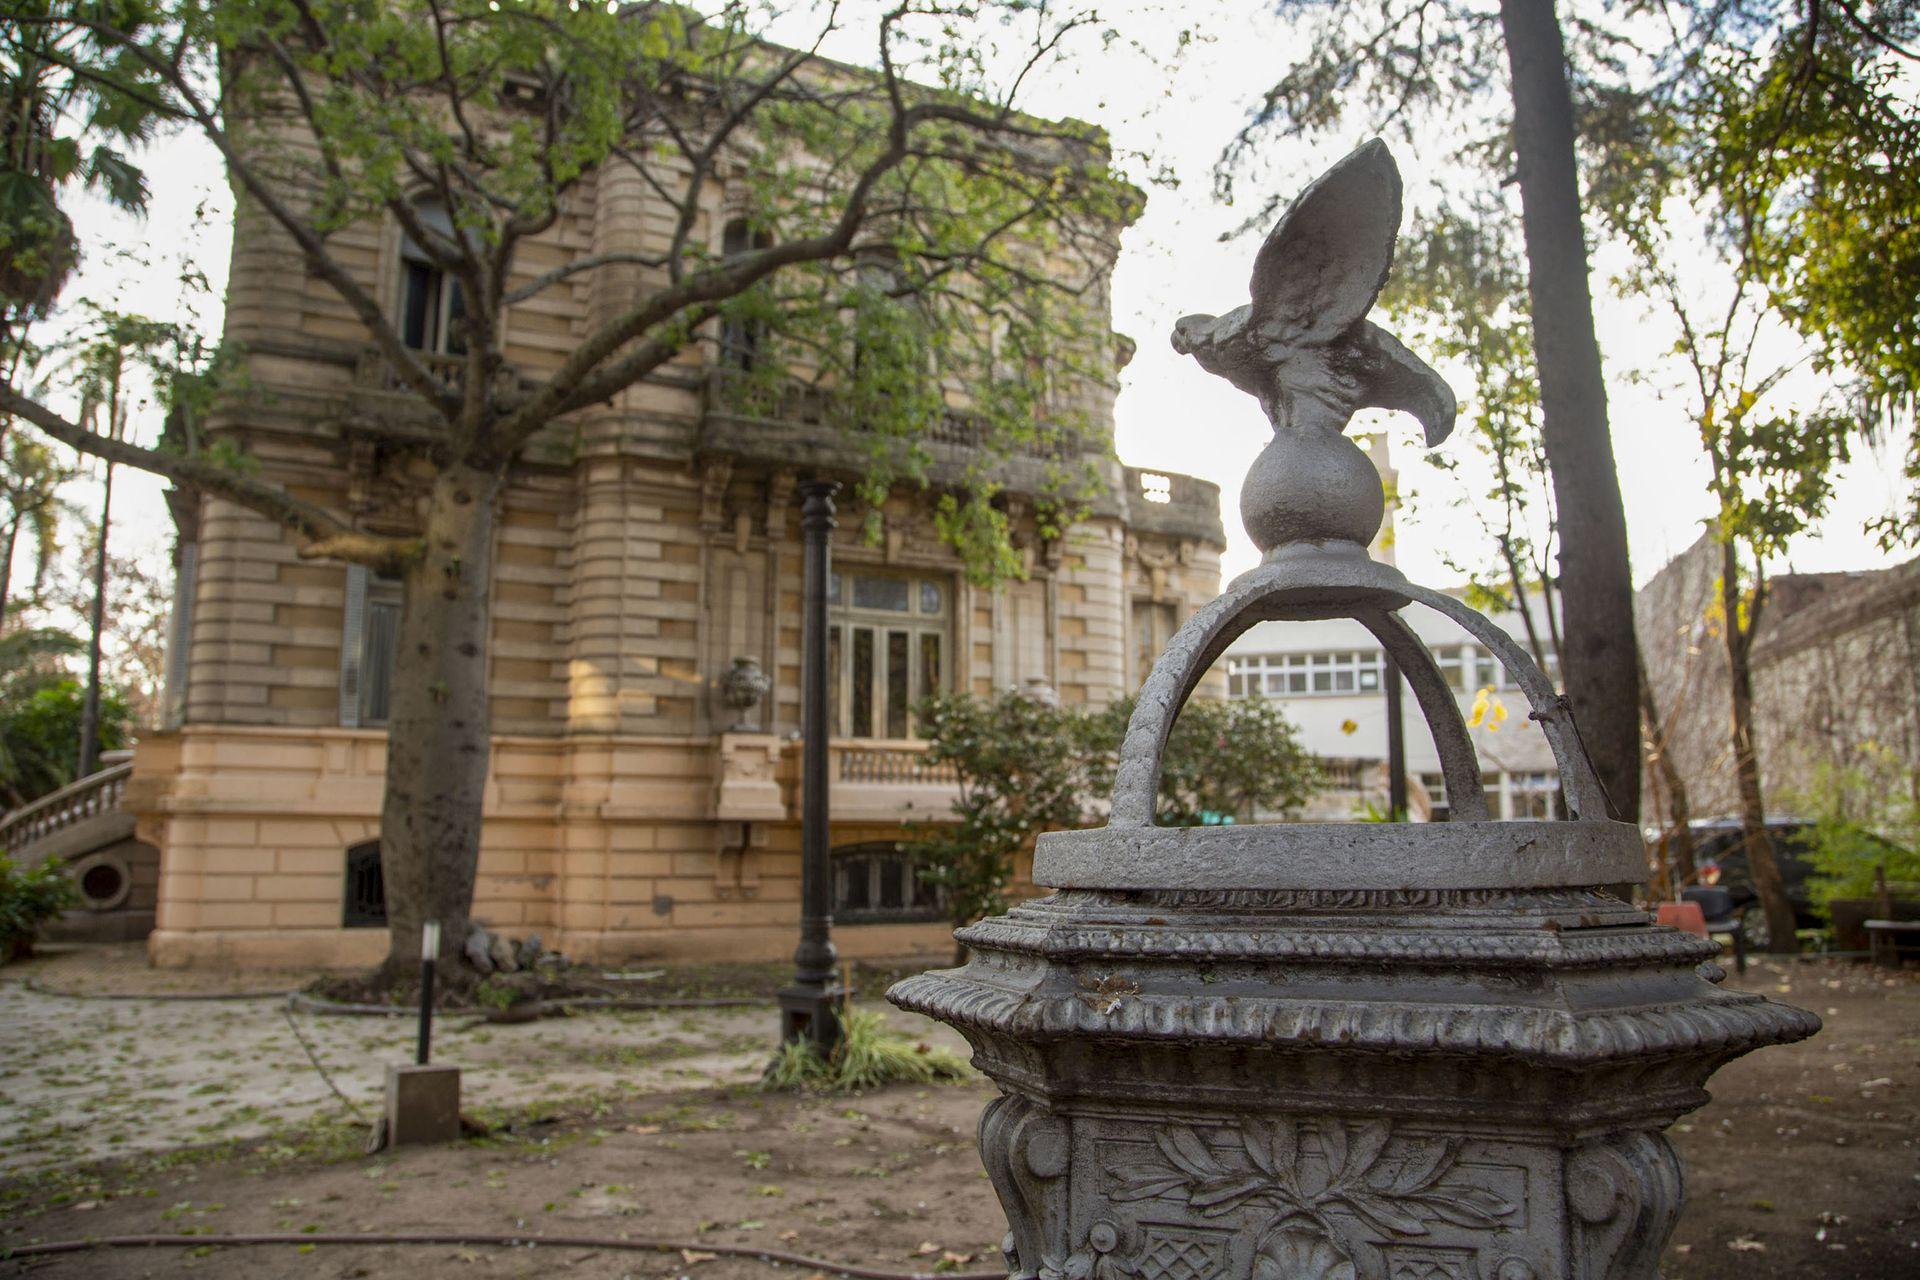 El Palacio Ceci se encuentra en la avenida Lincoln al 4300 y conserva su estructura intacta y valiosísimos objetos originales de la época